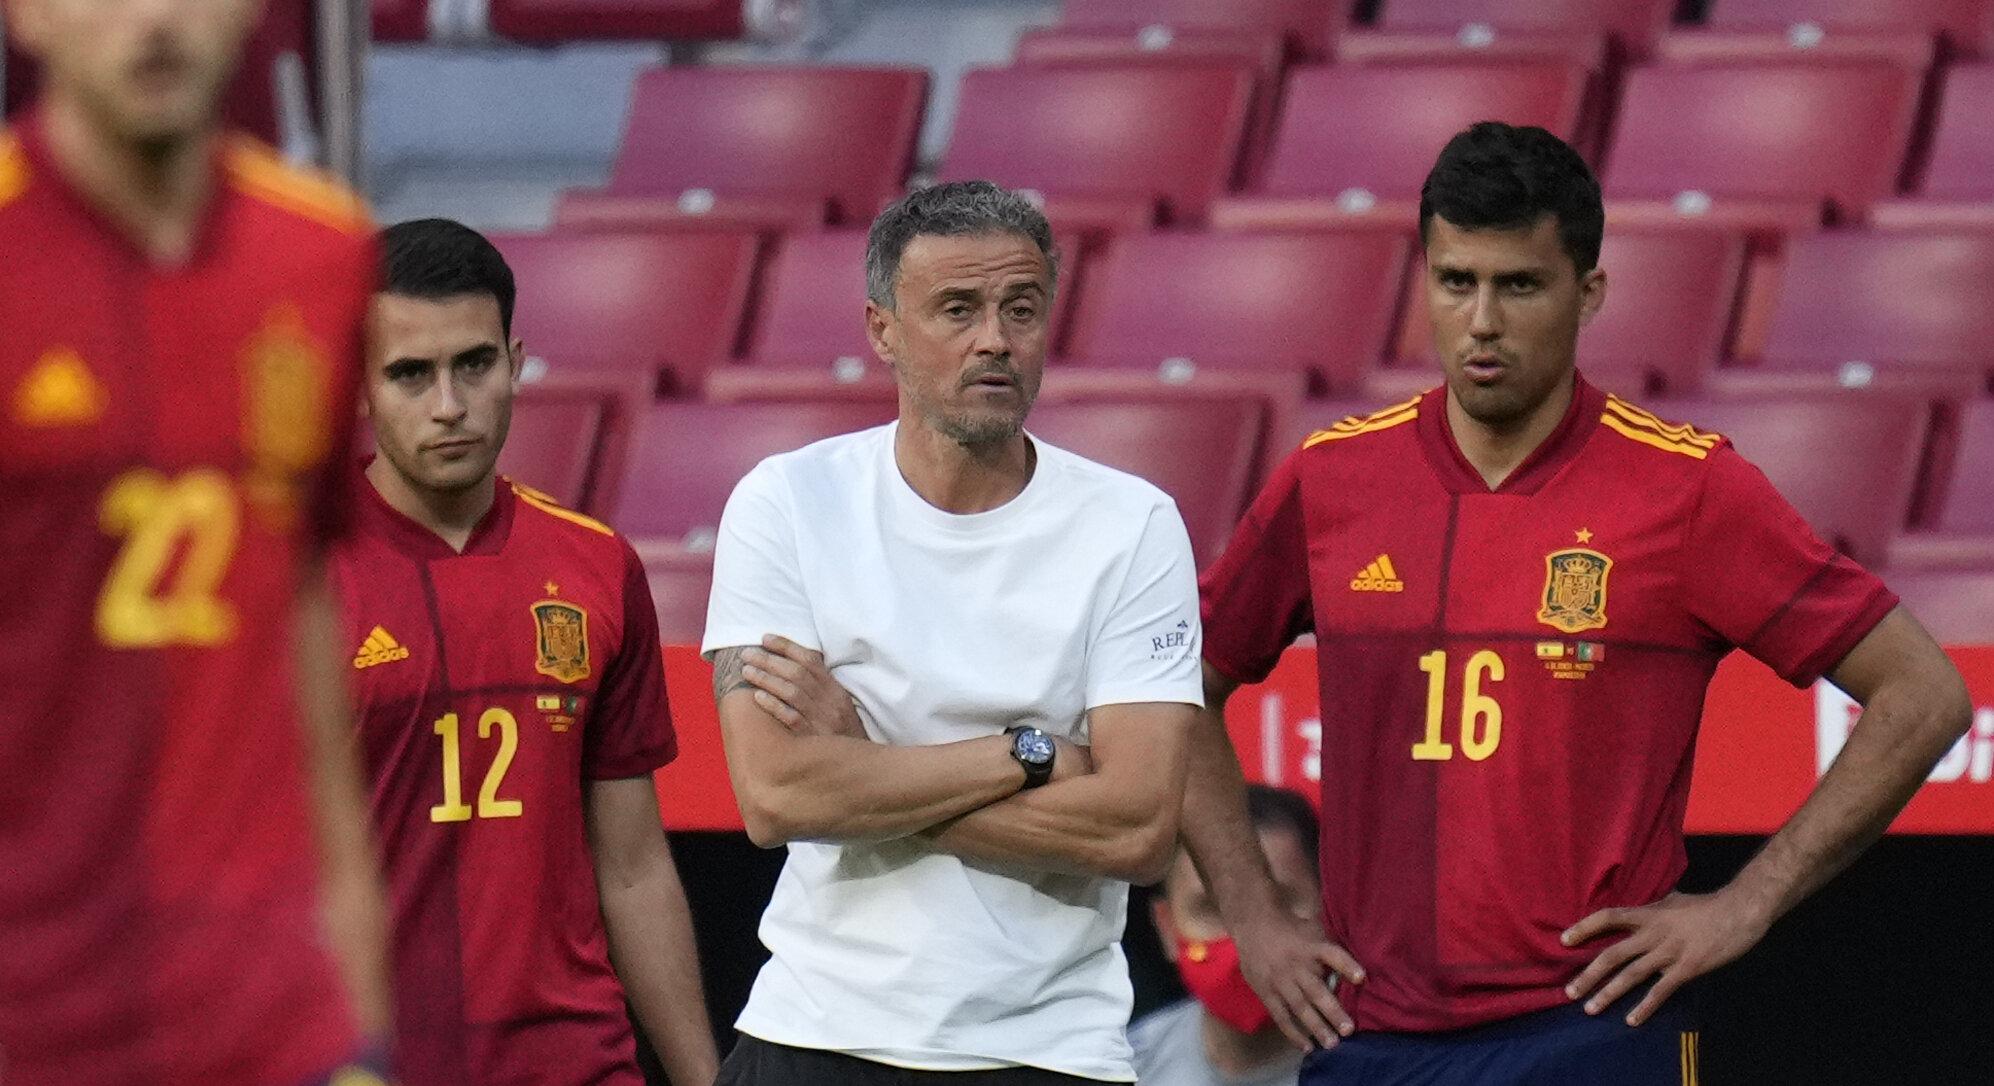 Fotbaliștii naționalei Spaniei vor primi prima doză a serului anti-Covid cu doar câteva zile înainte de debutul Euro 2020